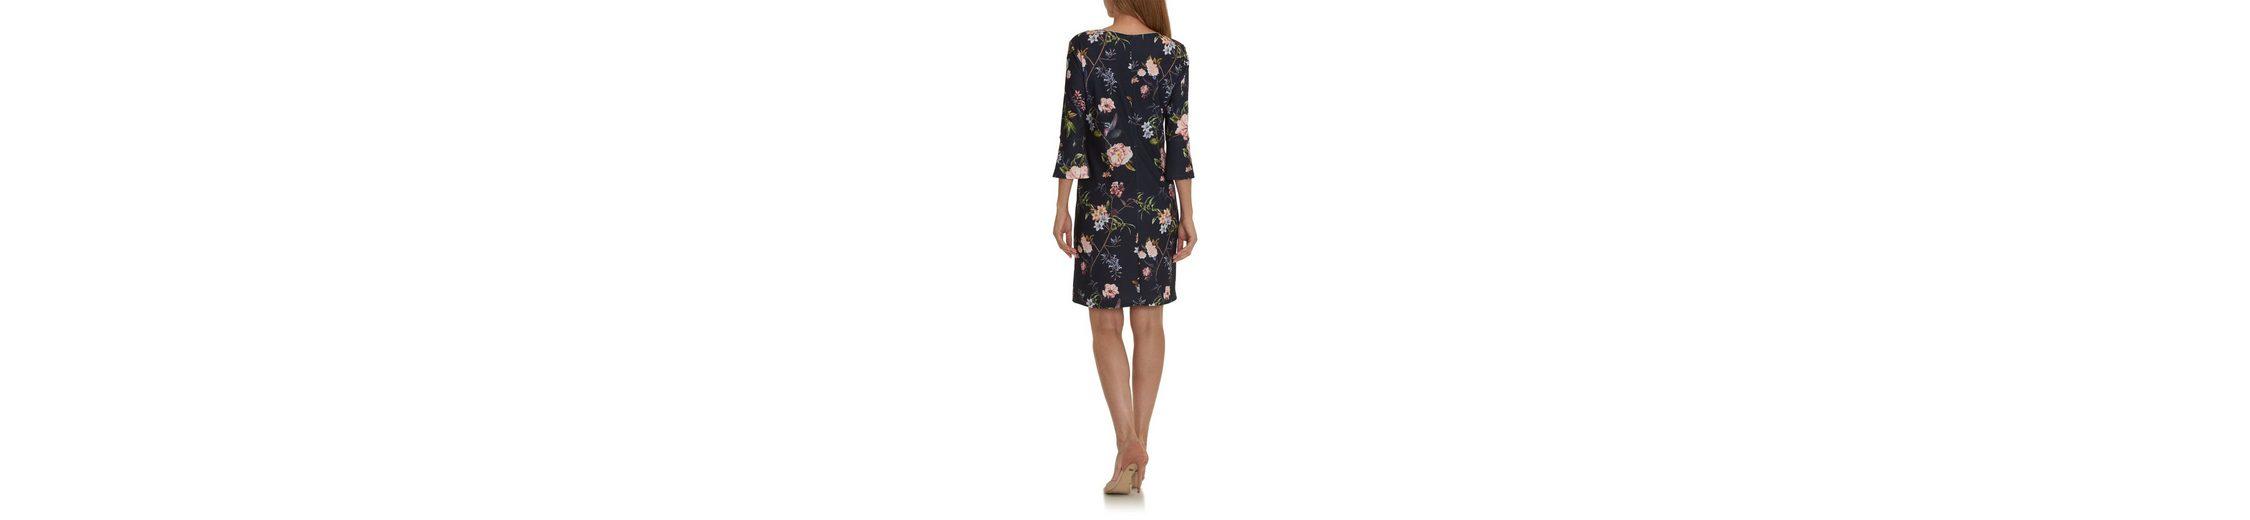 Gut Verkaufen Betty Barclay Kleid mit tollem Blumenprint Günstig Kaufen U3Nlp